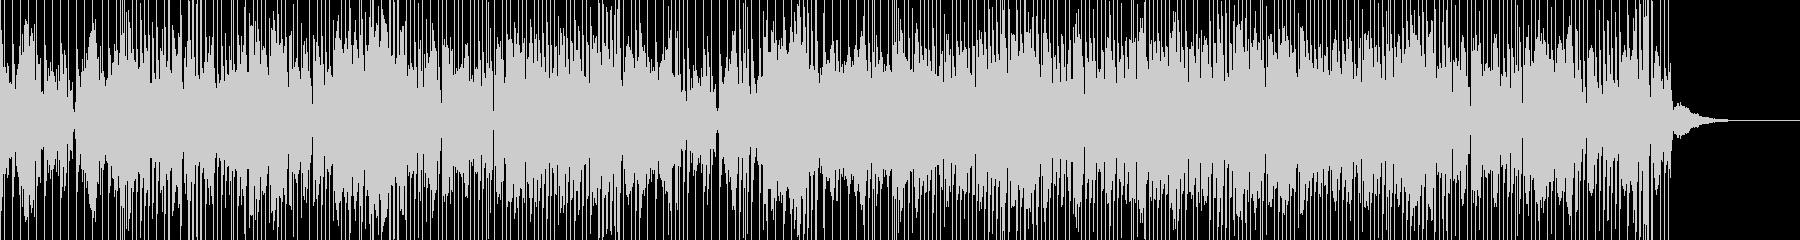 シンセパッドが気持ちいいカッコイイBGMの未再生の波形